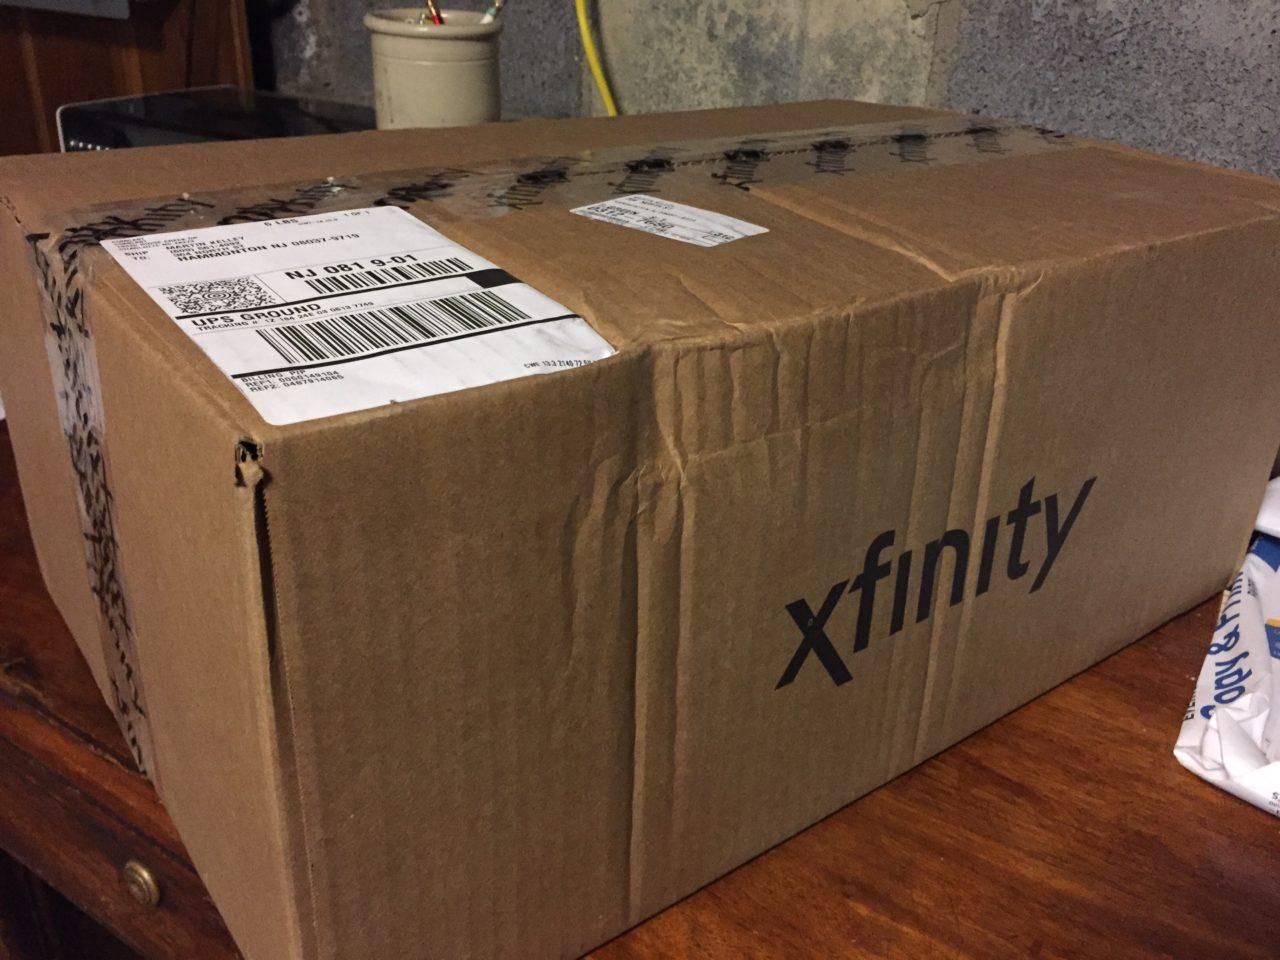 High tech Xfinity